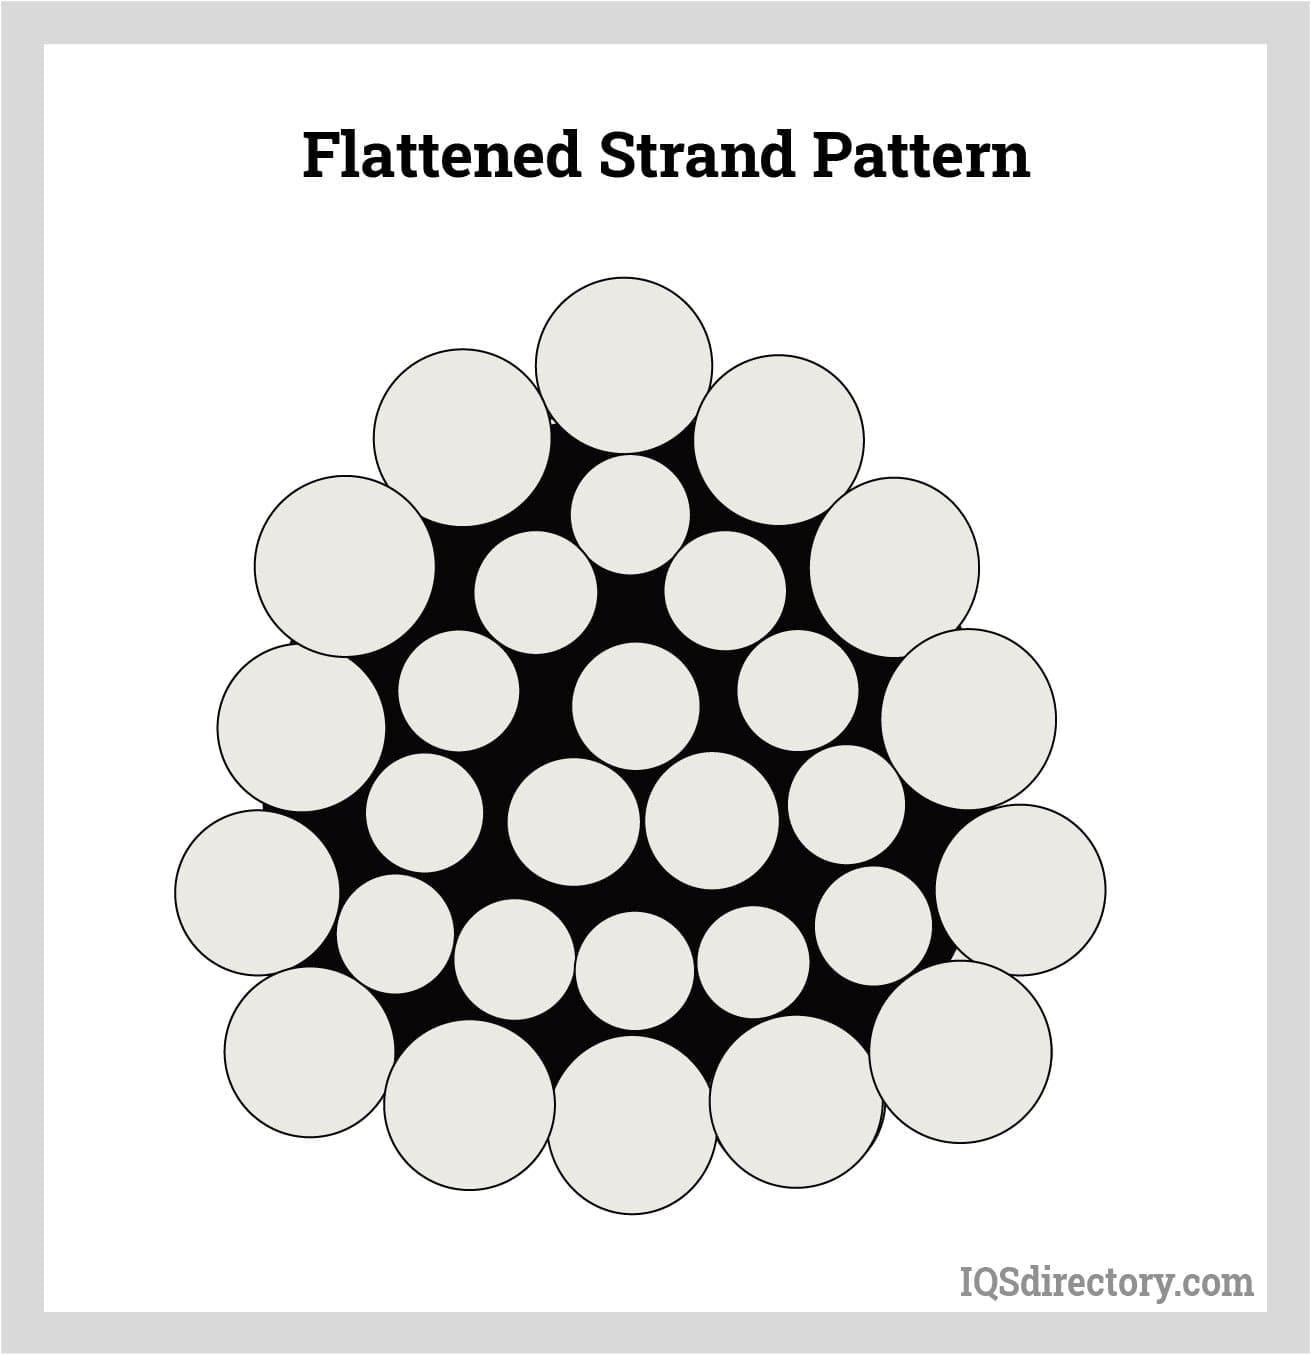 Flattened Strand Pattern